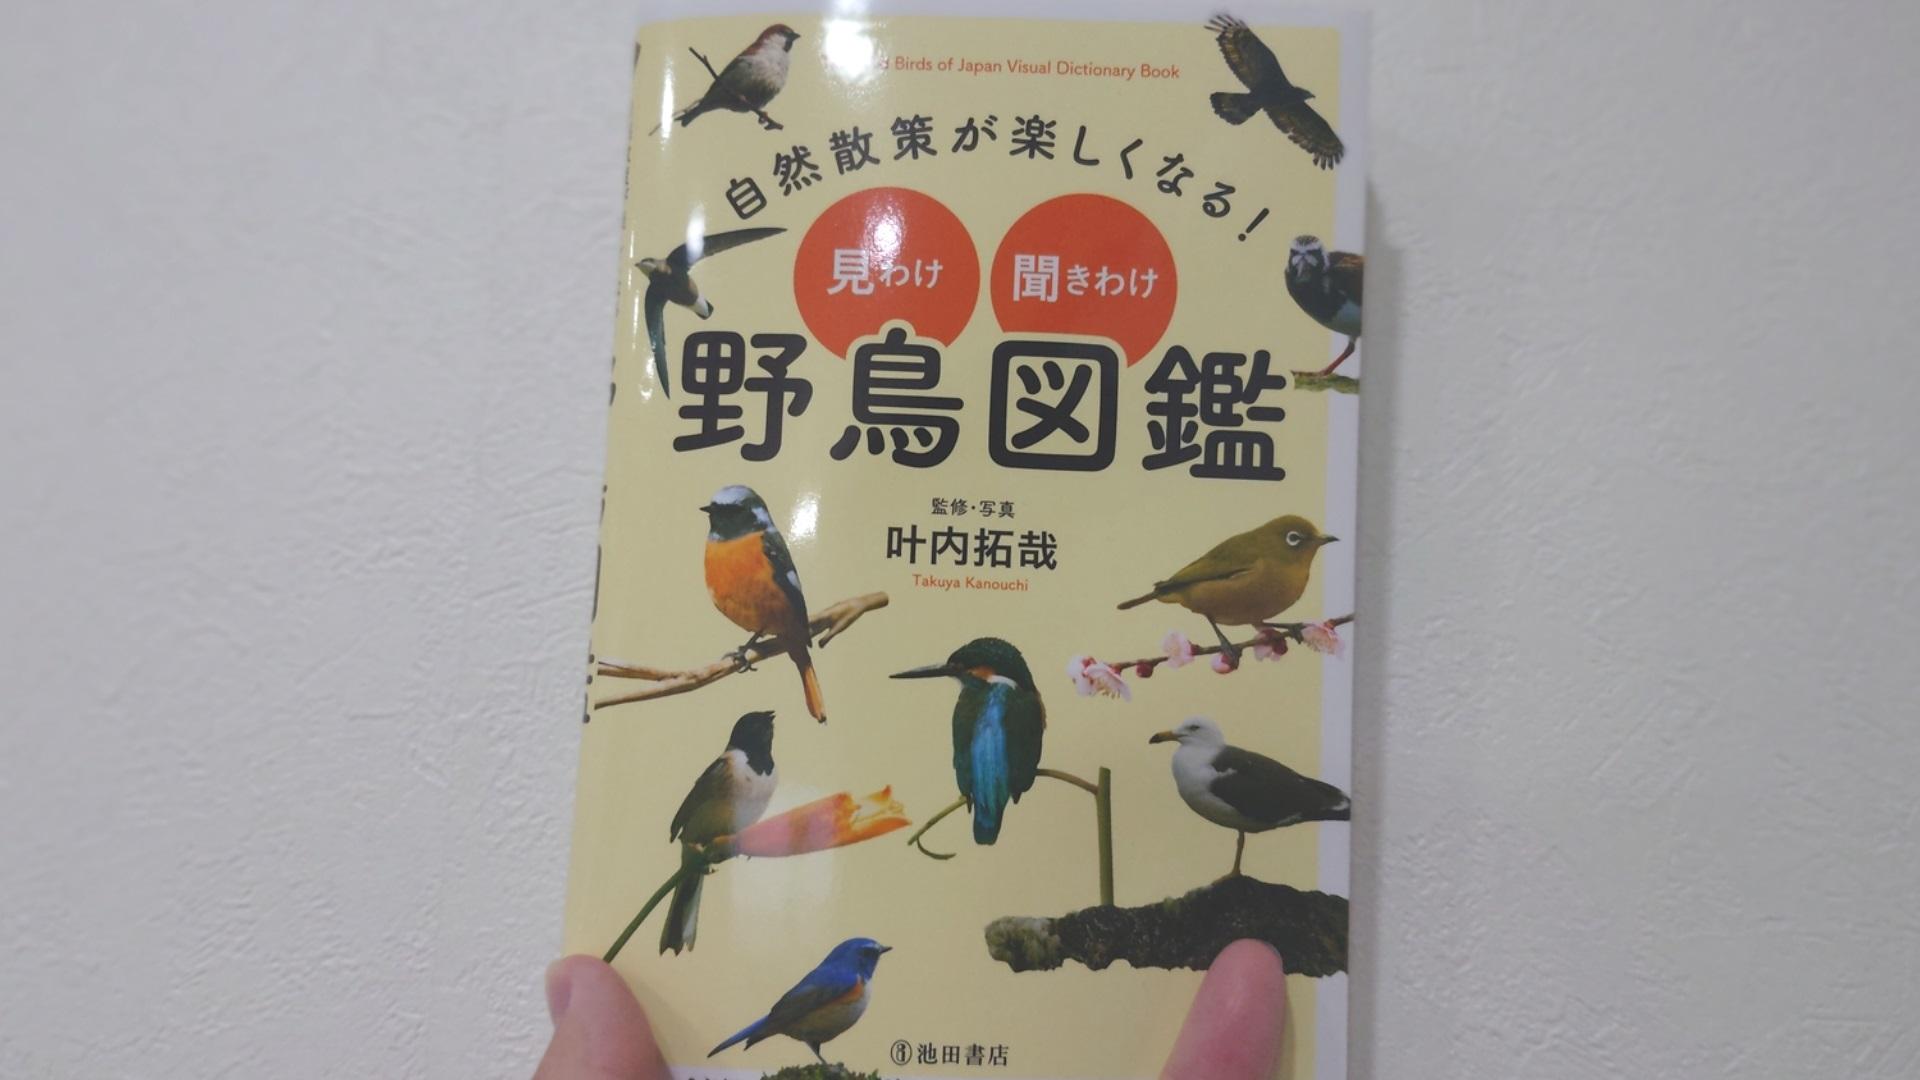 自然散策が楽しくなる!見わけ・聞きわけ野鳥図鑑。監修者叶内拓哉氏。池田書店。イラストではなく写真解説。鳴き声解説あり。